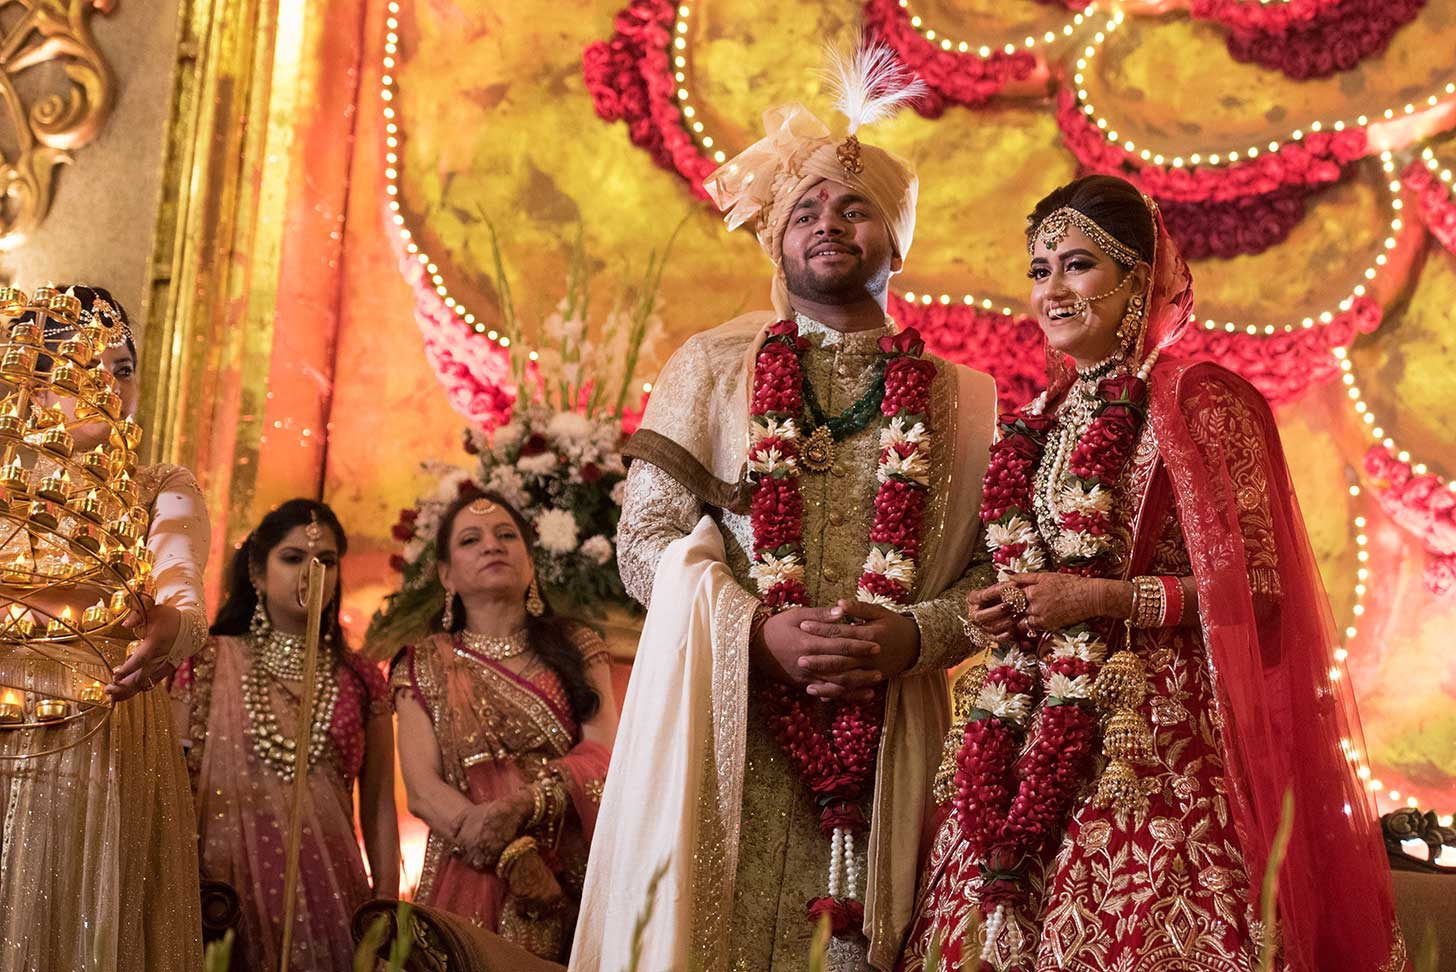 photographe mariage inde